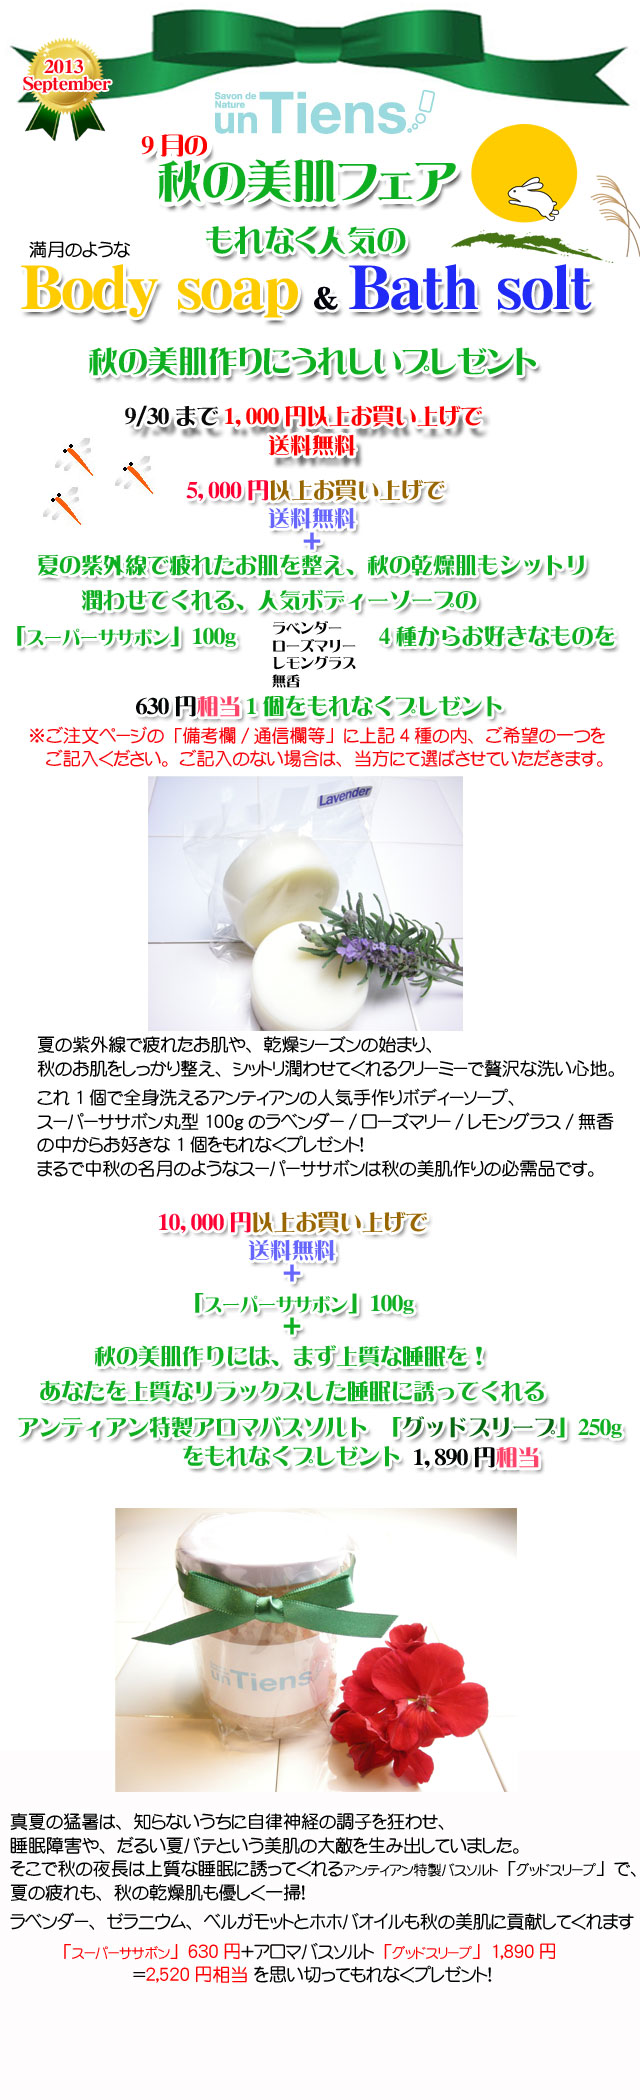 手作り石鹸アンティアンの1309の今月キャンペーンcopy